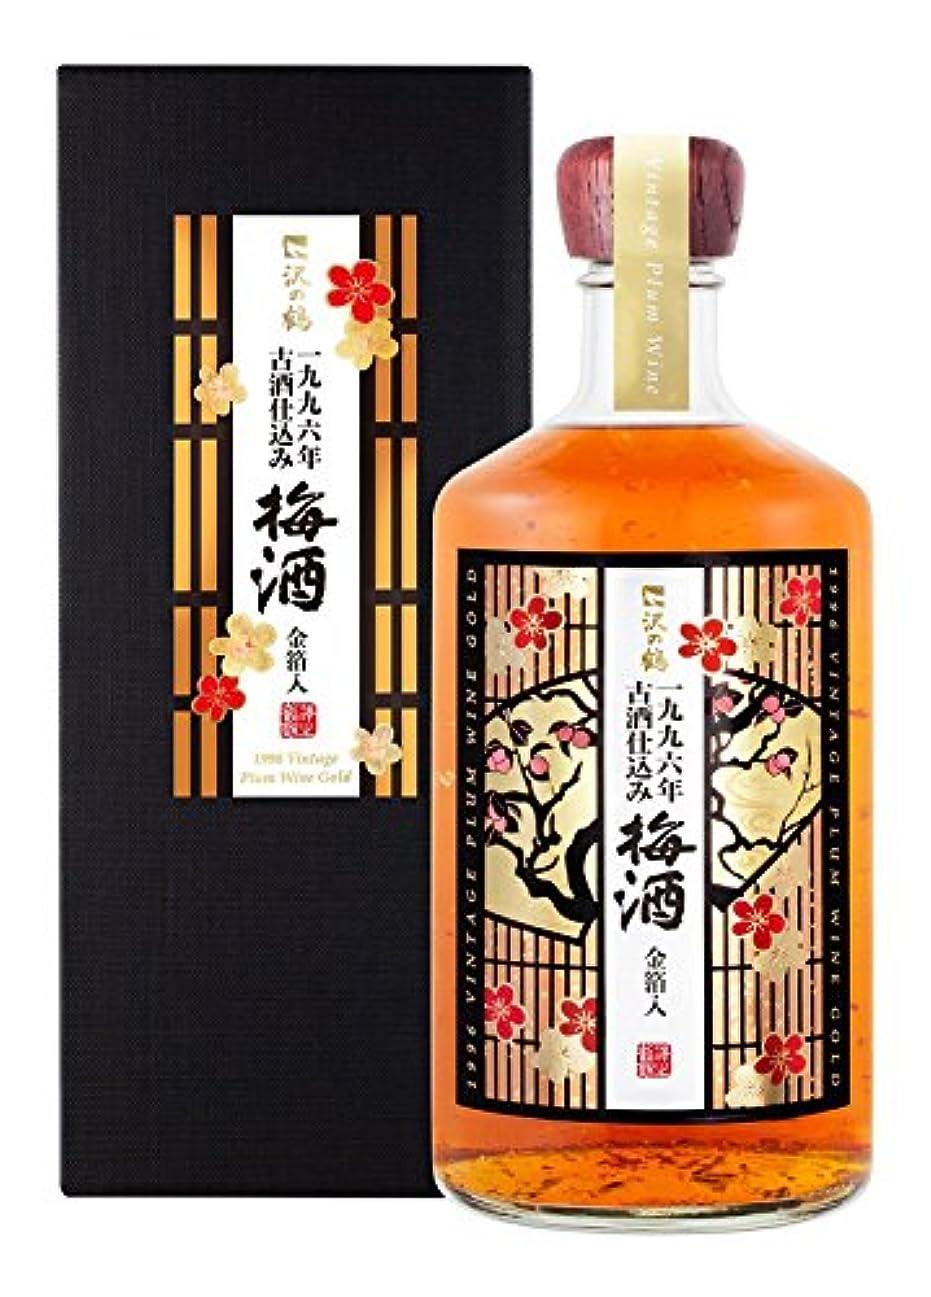 過ちセメントかける沢の鶴 1996年 古酒仕込み梅酒[金箔入] [ 720ml ]